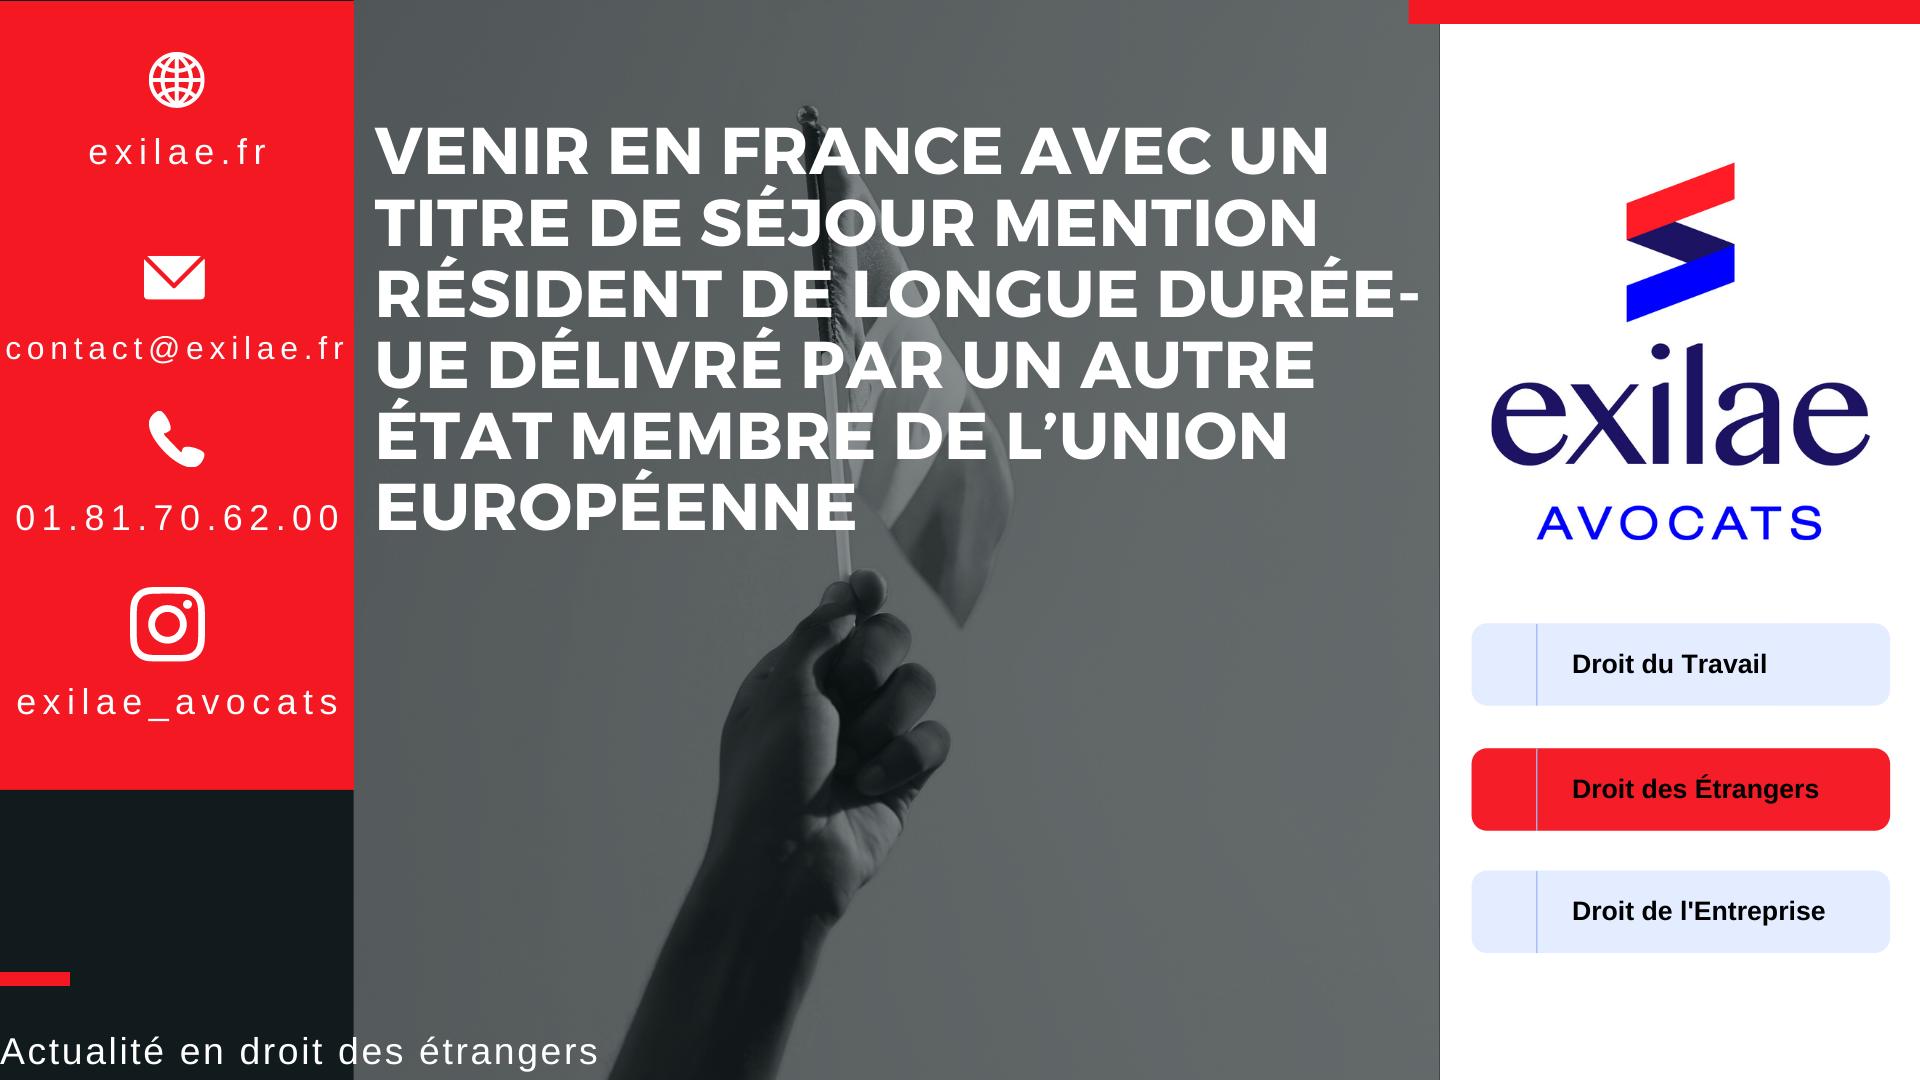 Venir en France avec un titre de séjour mention résident de longue durée-UE délivré par un autre État membre de l'Union européenne